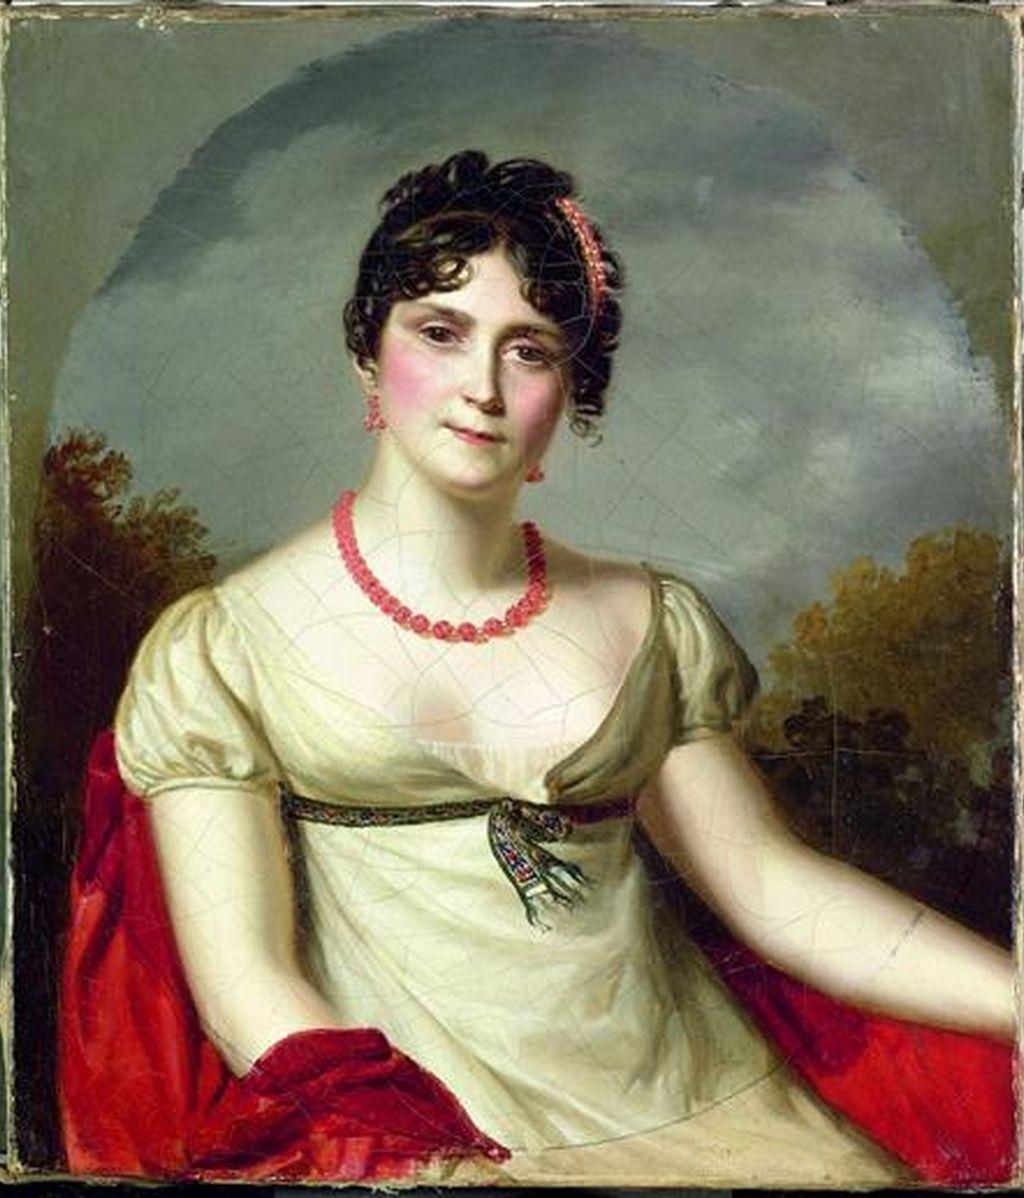 """Fotografía facilitada por los organizadores de la exposición """"Los vinos de la emperatriz. La bodega de Josefina en Malmaison (1800-1814)"""", del """"Retrato de la emperatriz Josefina"""" (1812), de Firmin Masson (1766-1849), que forma parte de la muestra en la que puede verse desde hoy en Roma la pasión de la que fuera la primera esposa de Napoleón, por los buenos vinos y su gran conocimiento del arte de la enología. EFE"""